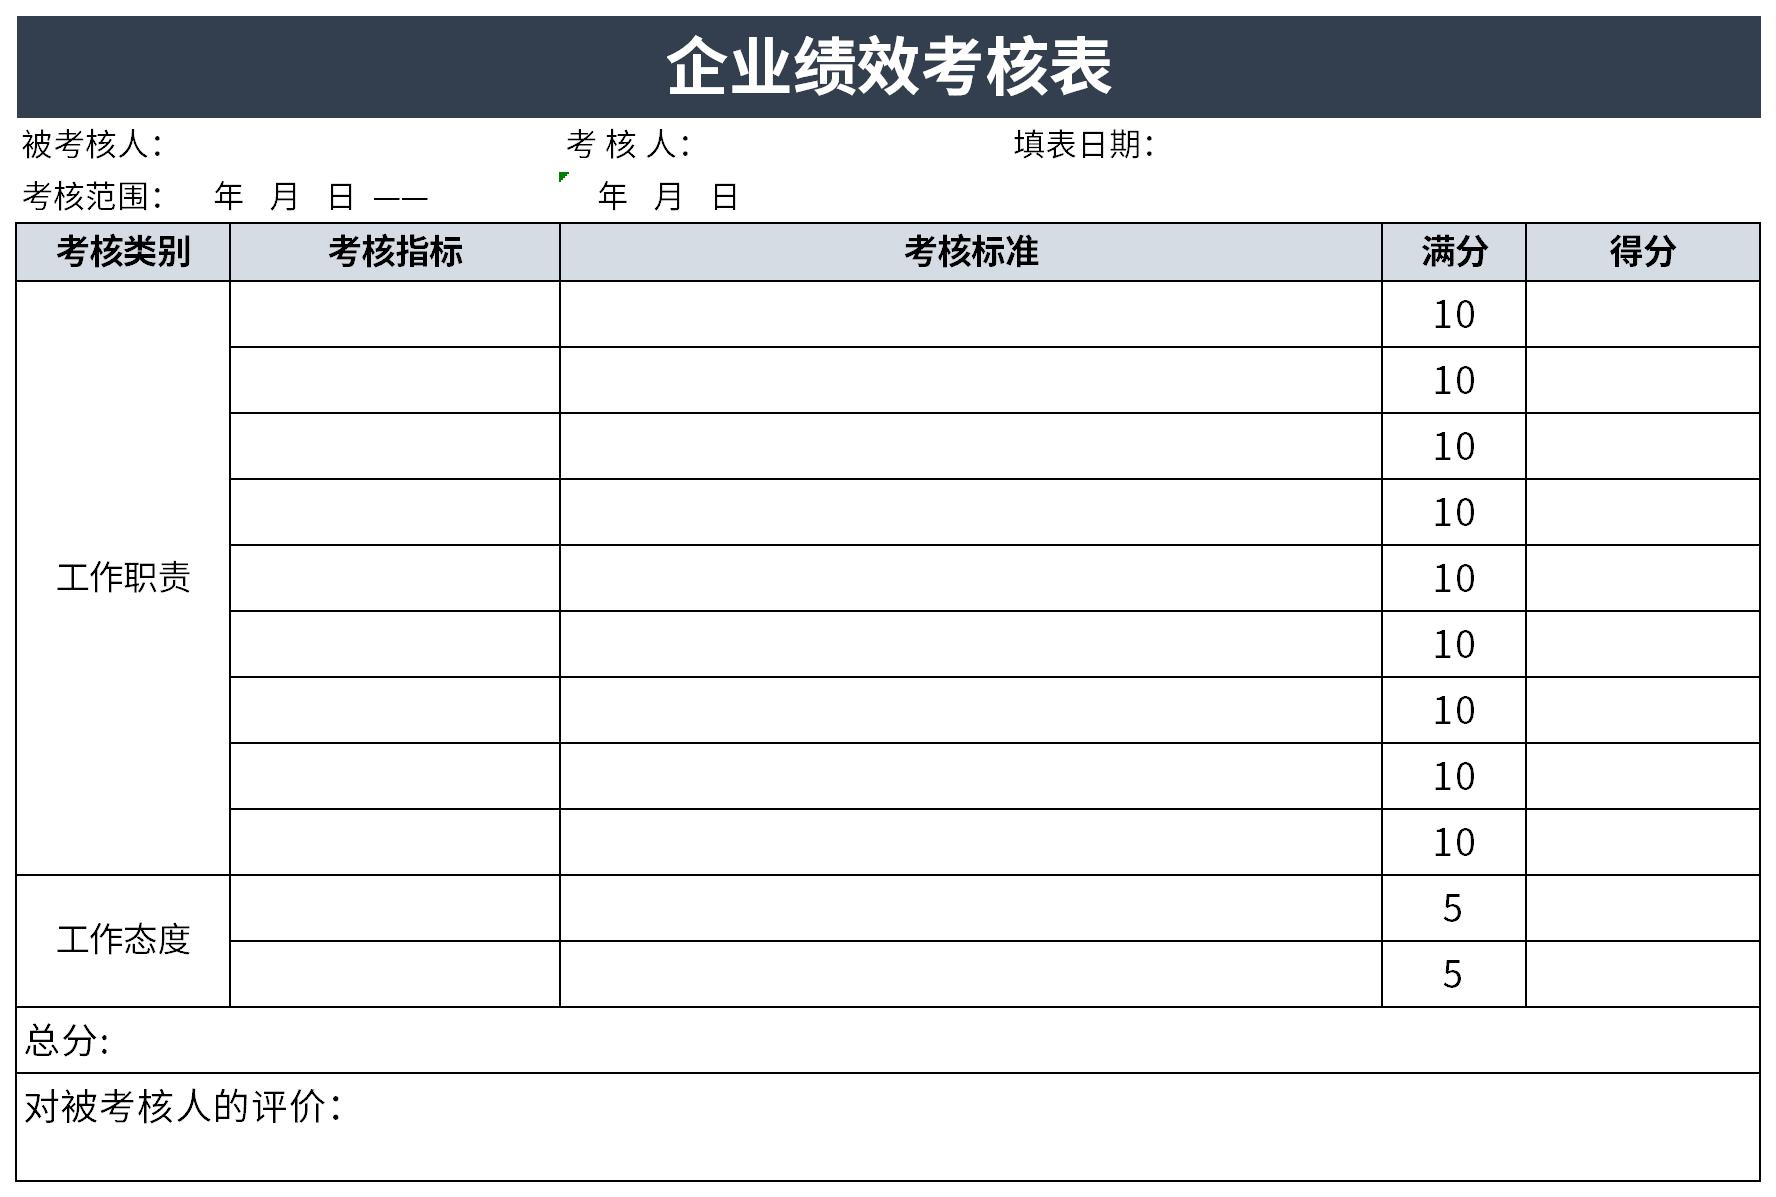 企业绩效考核表截图